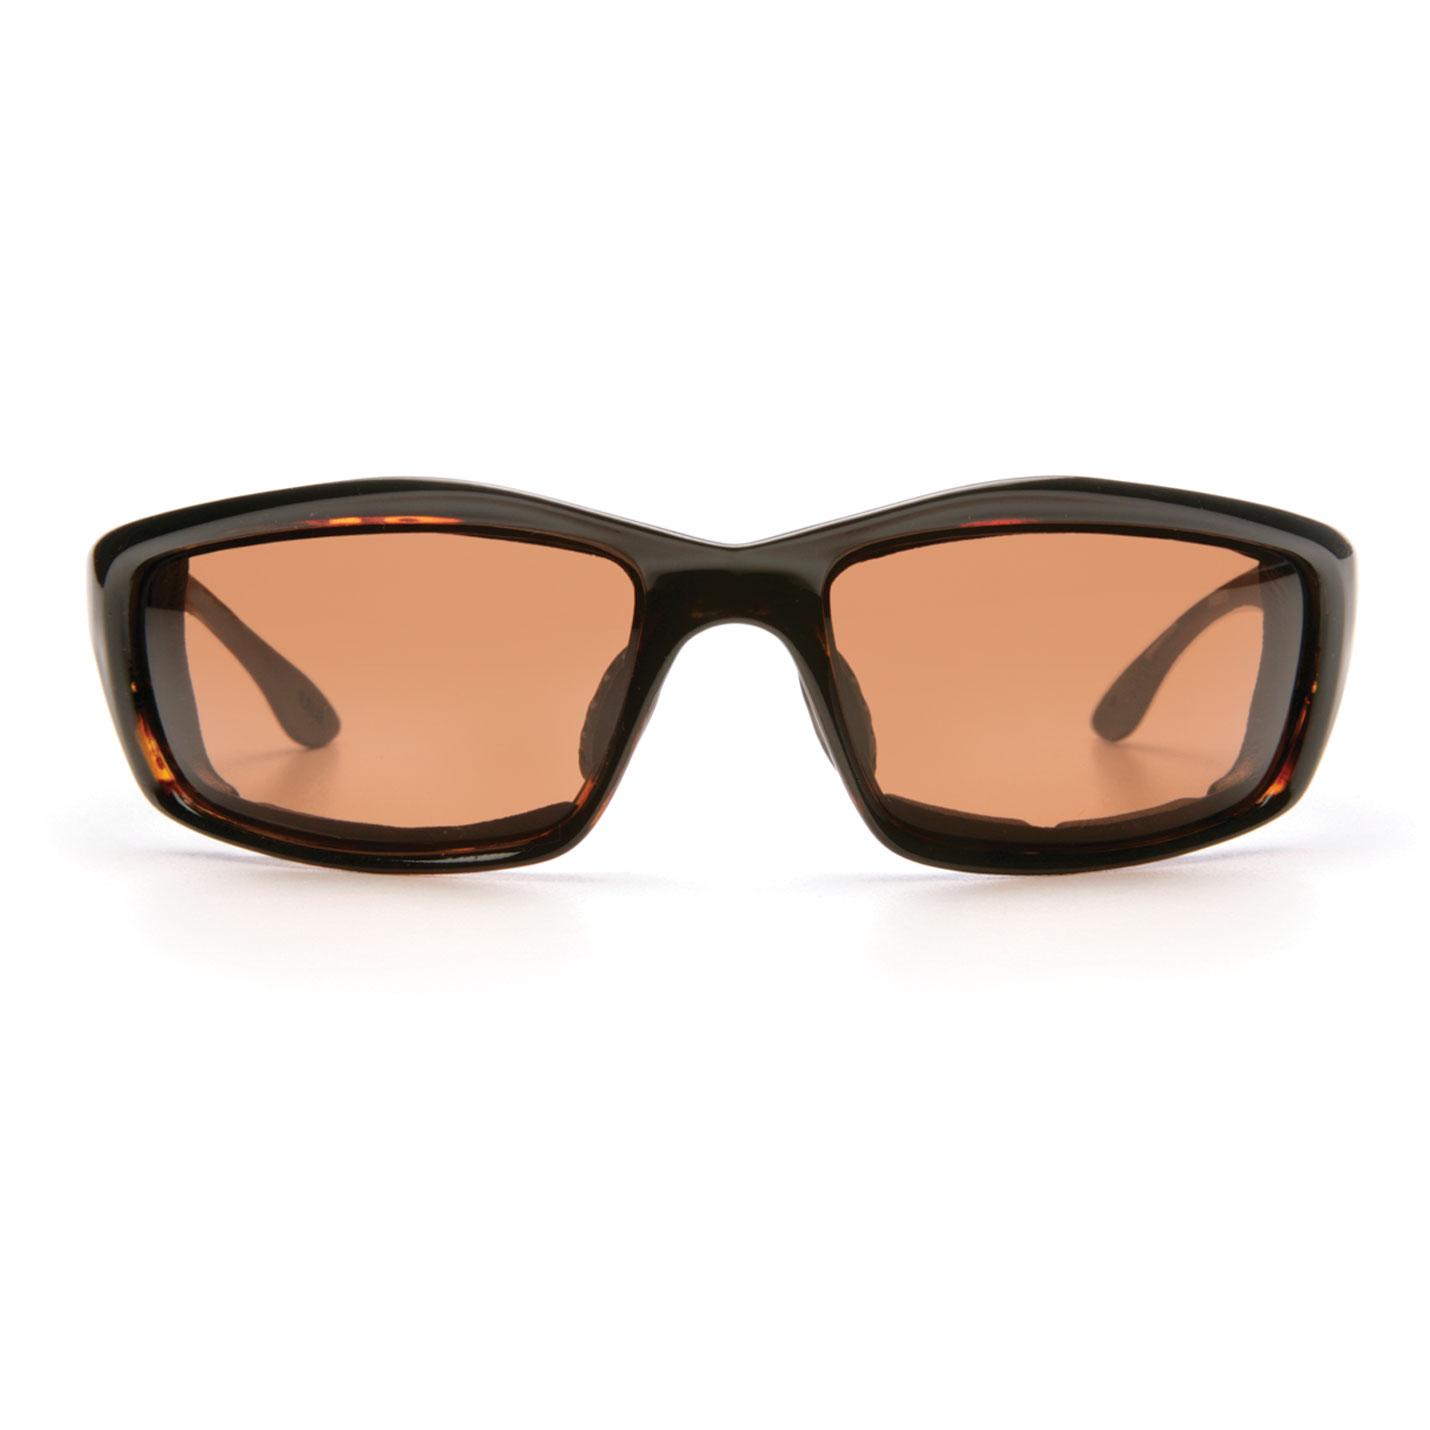 Lunettes de soleil Eyesential soulagement des yeux secs- Moyen rectangle modifié